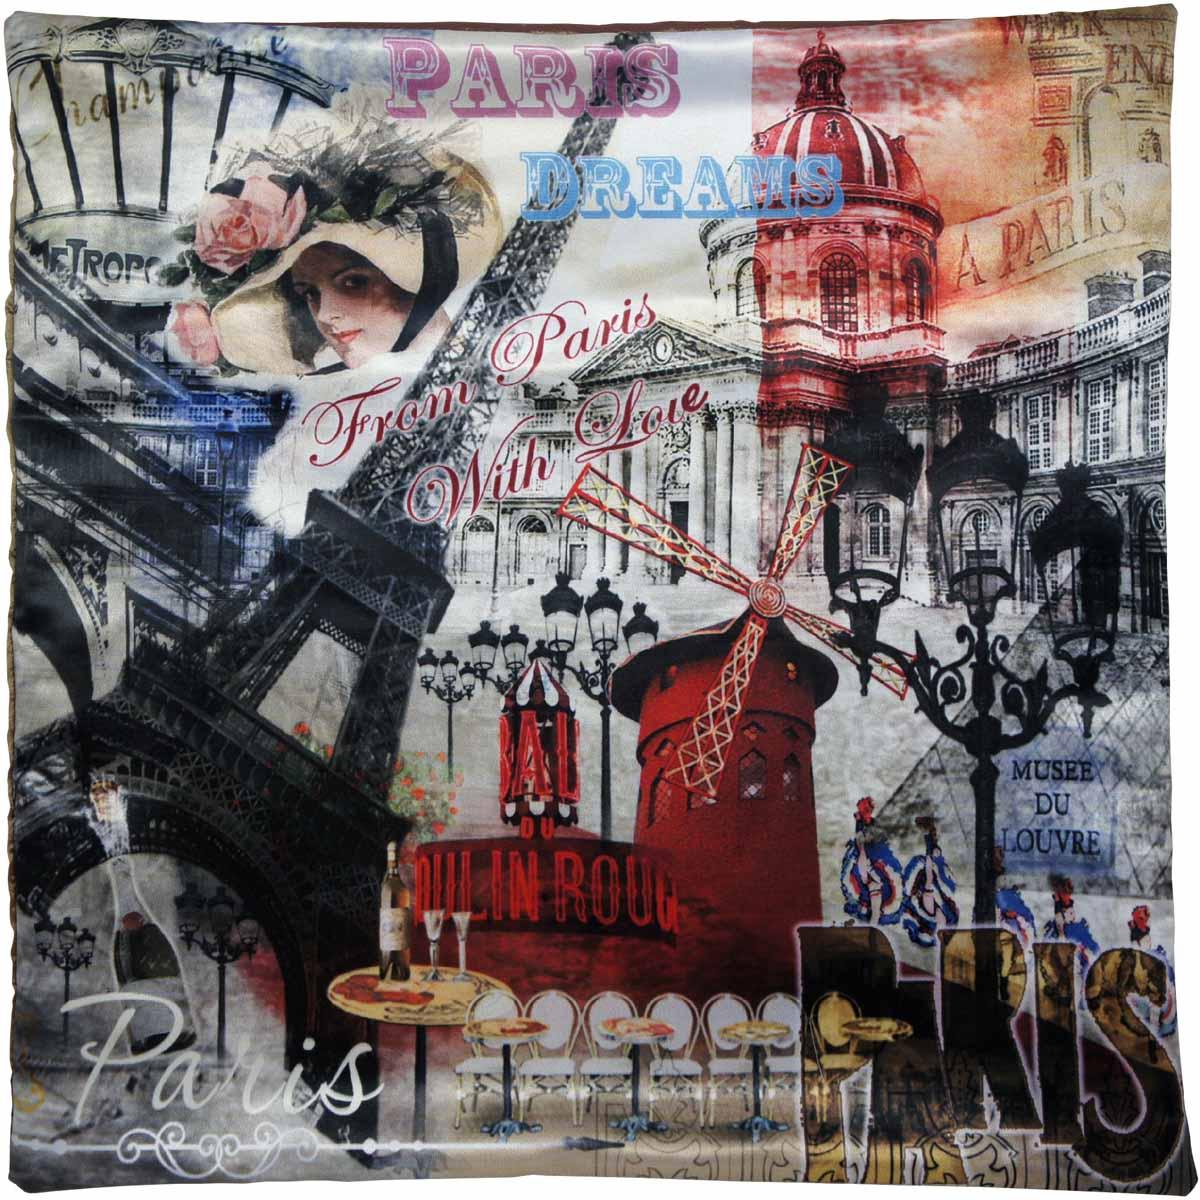 Наволочка для декоративной подушки GiftnHome Парижские фантазии, цвет: красный, черный, серый, 45 х 45 смНВЛ-45 PDreamИзделие изготовлено из искусственного шелка - атласа! Наволочка на молнии